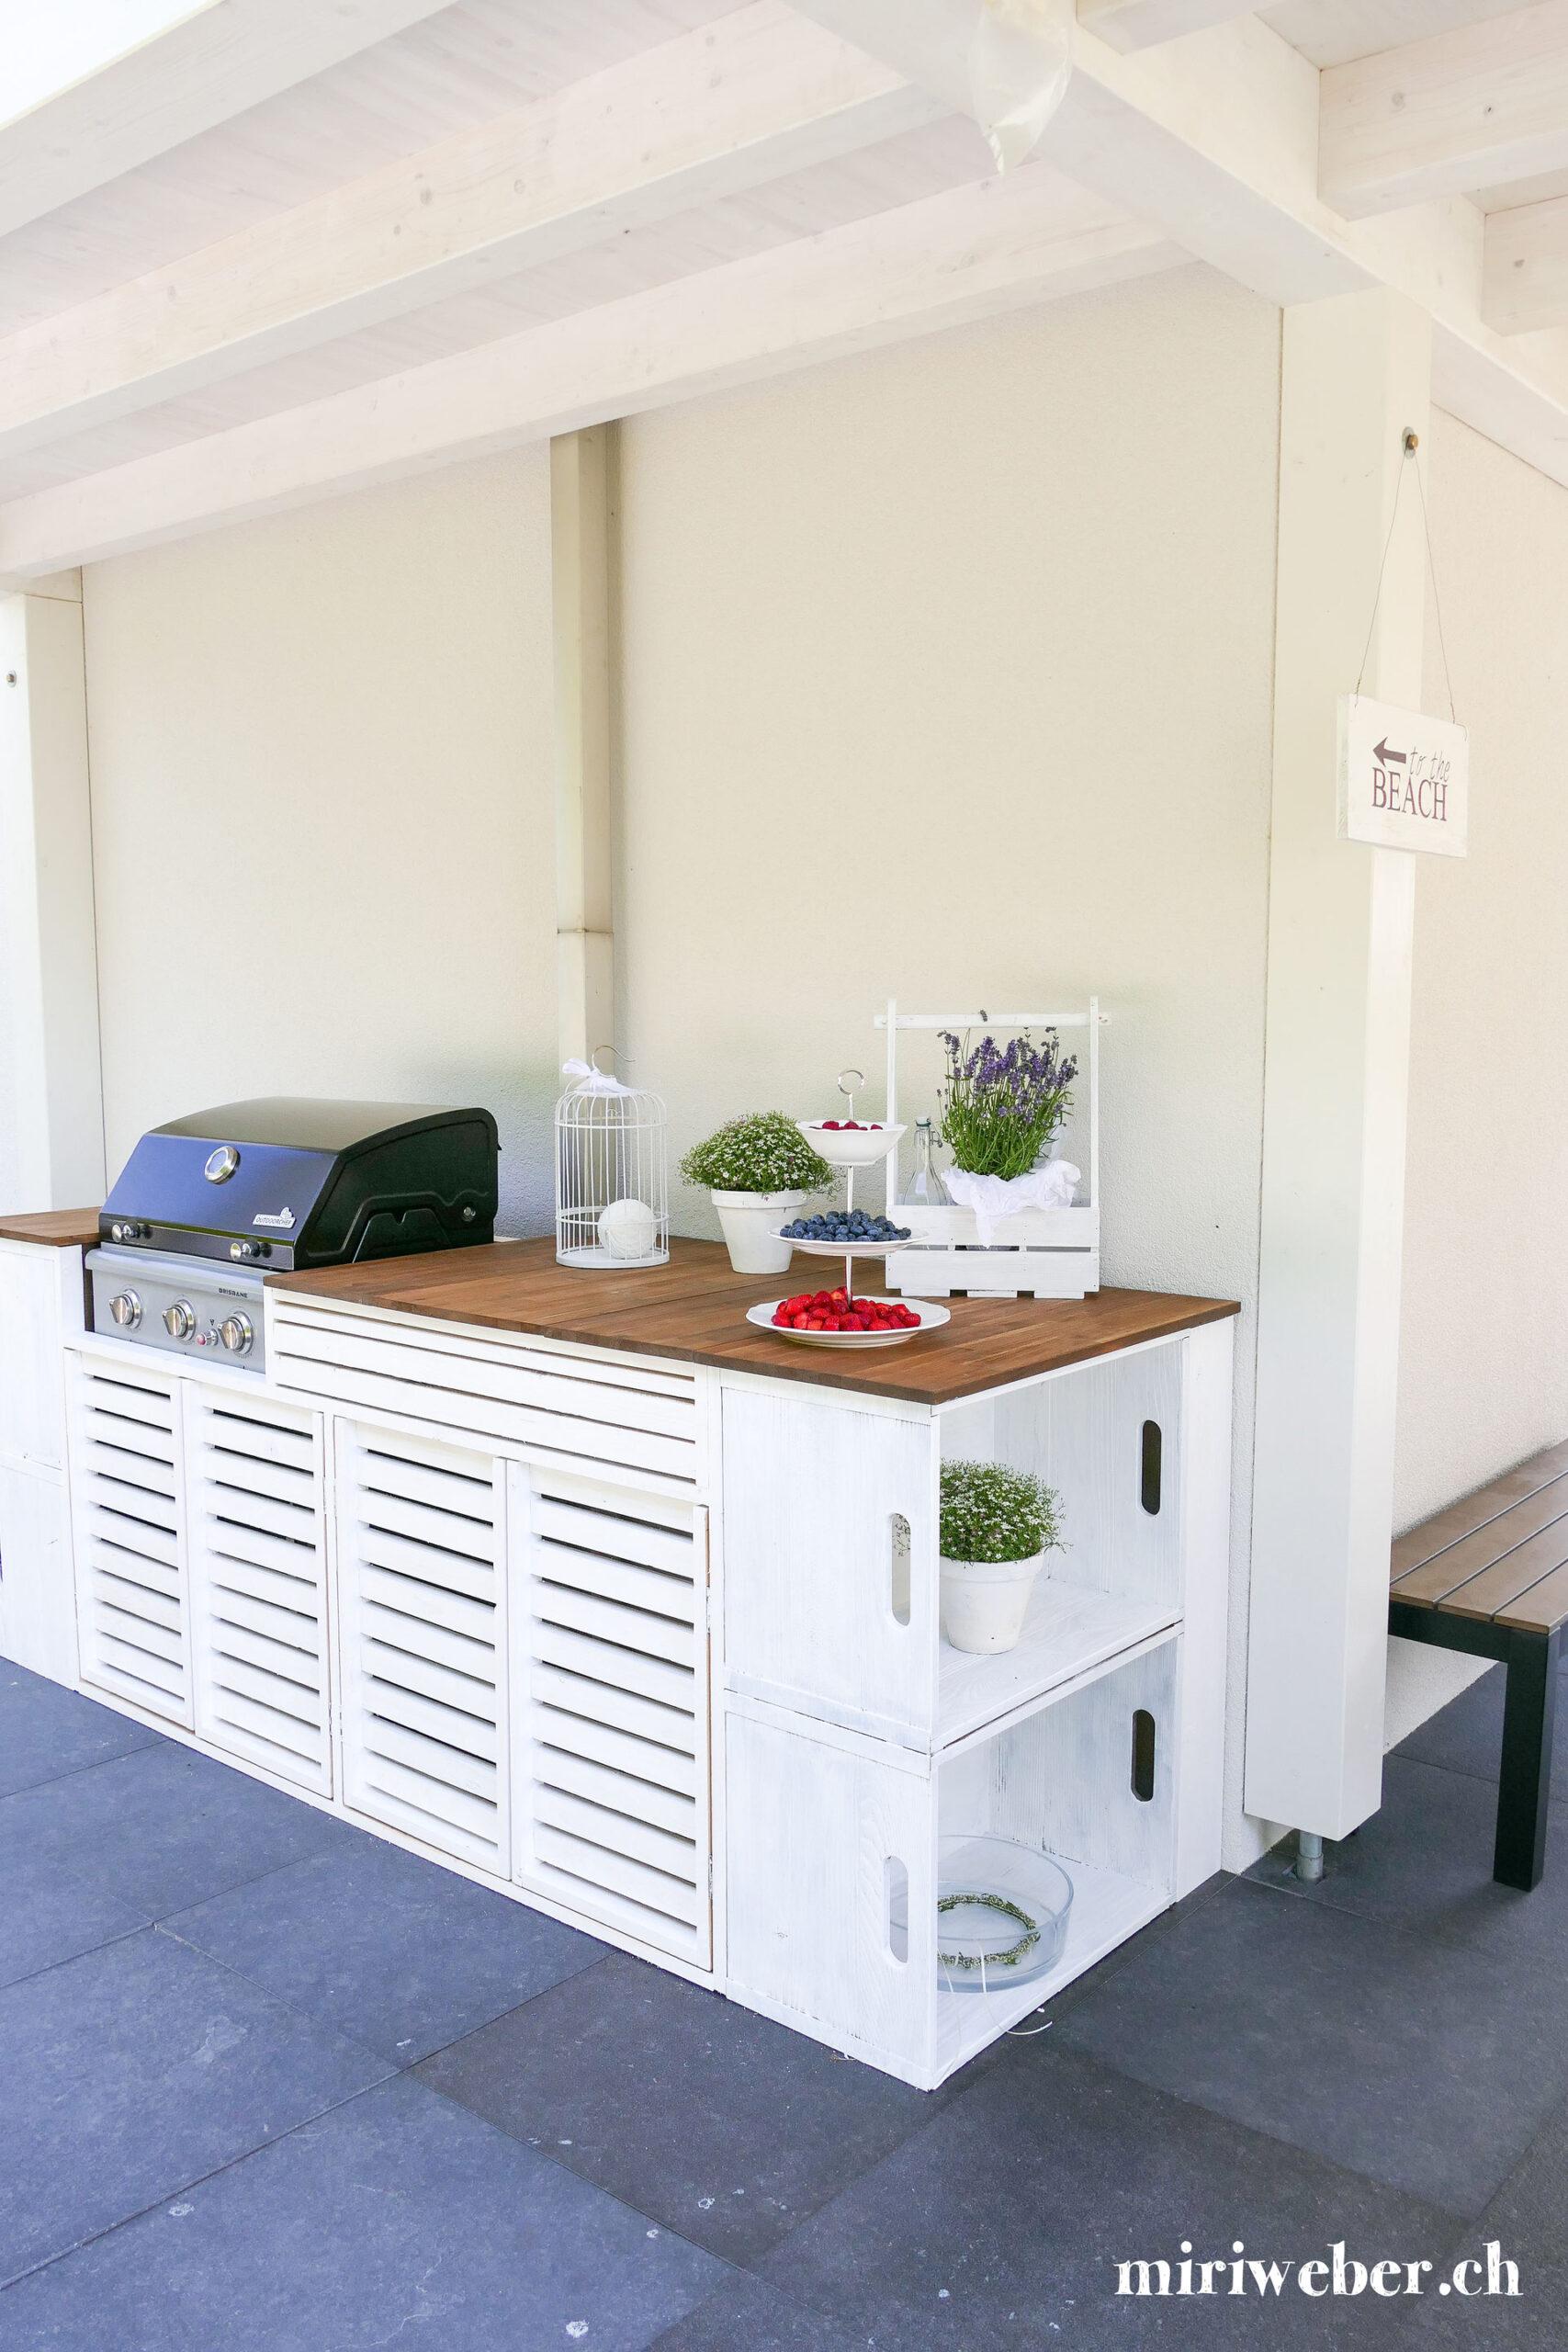 Full Size of Müllsystem Küche Rustikal Küchen Regal Einbauküche Mit Elektrogeräten Schreinerküche Günstig Keramik Waschbecken Sitzecke L Form Wasserhahn Finanzieren Wohnzimmer Küche Selber Bauen